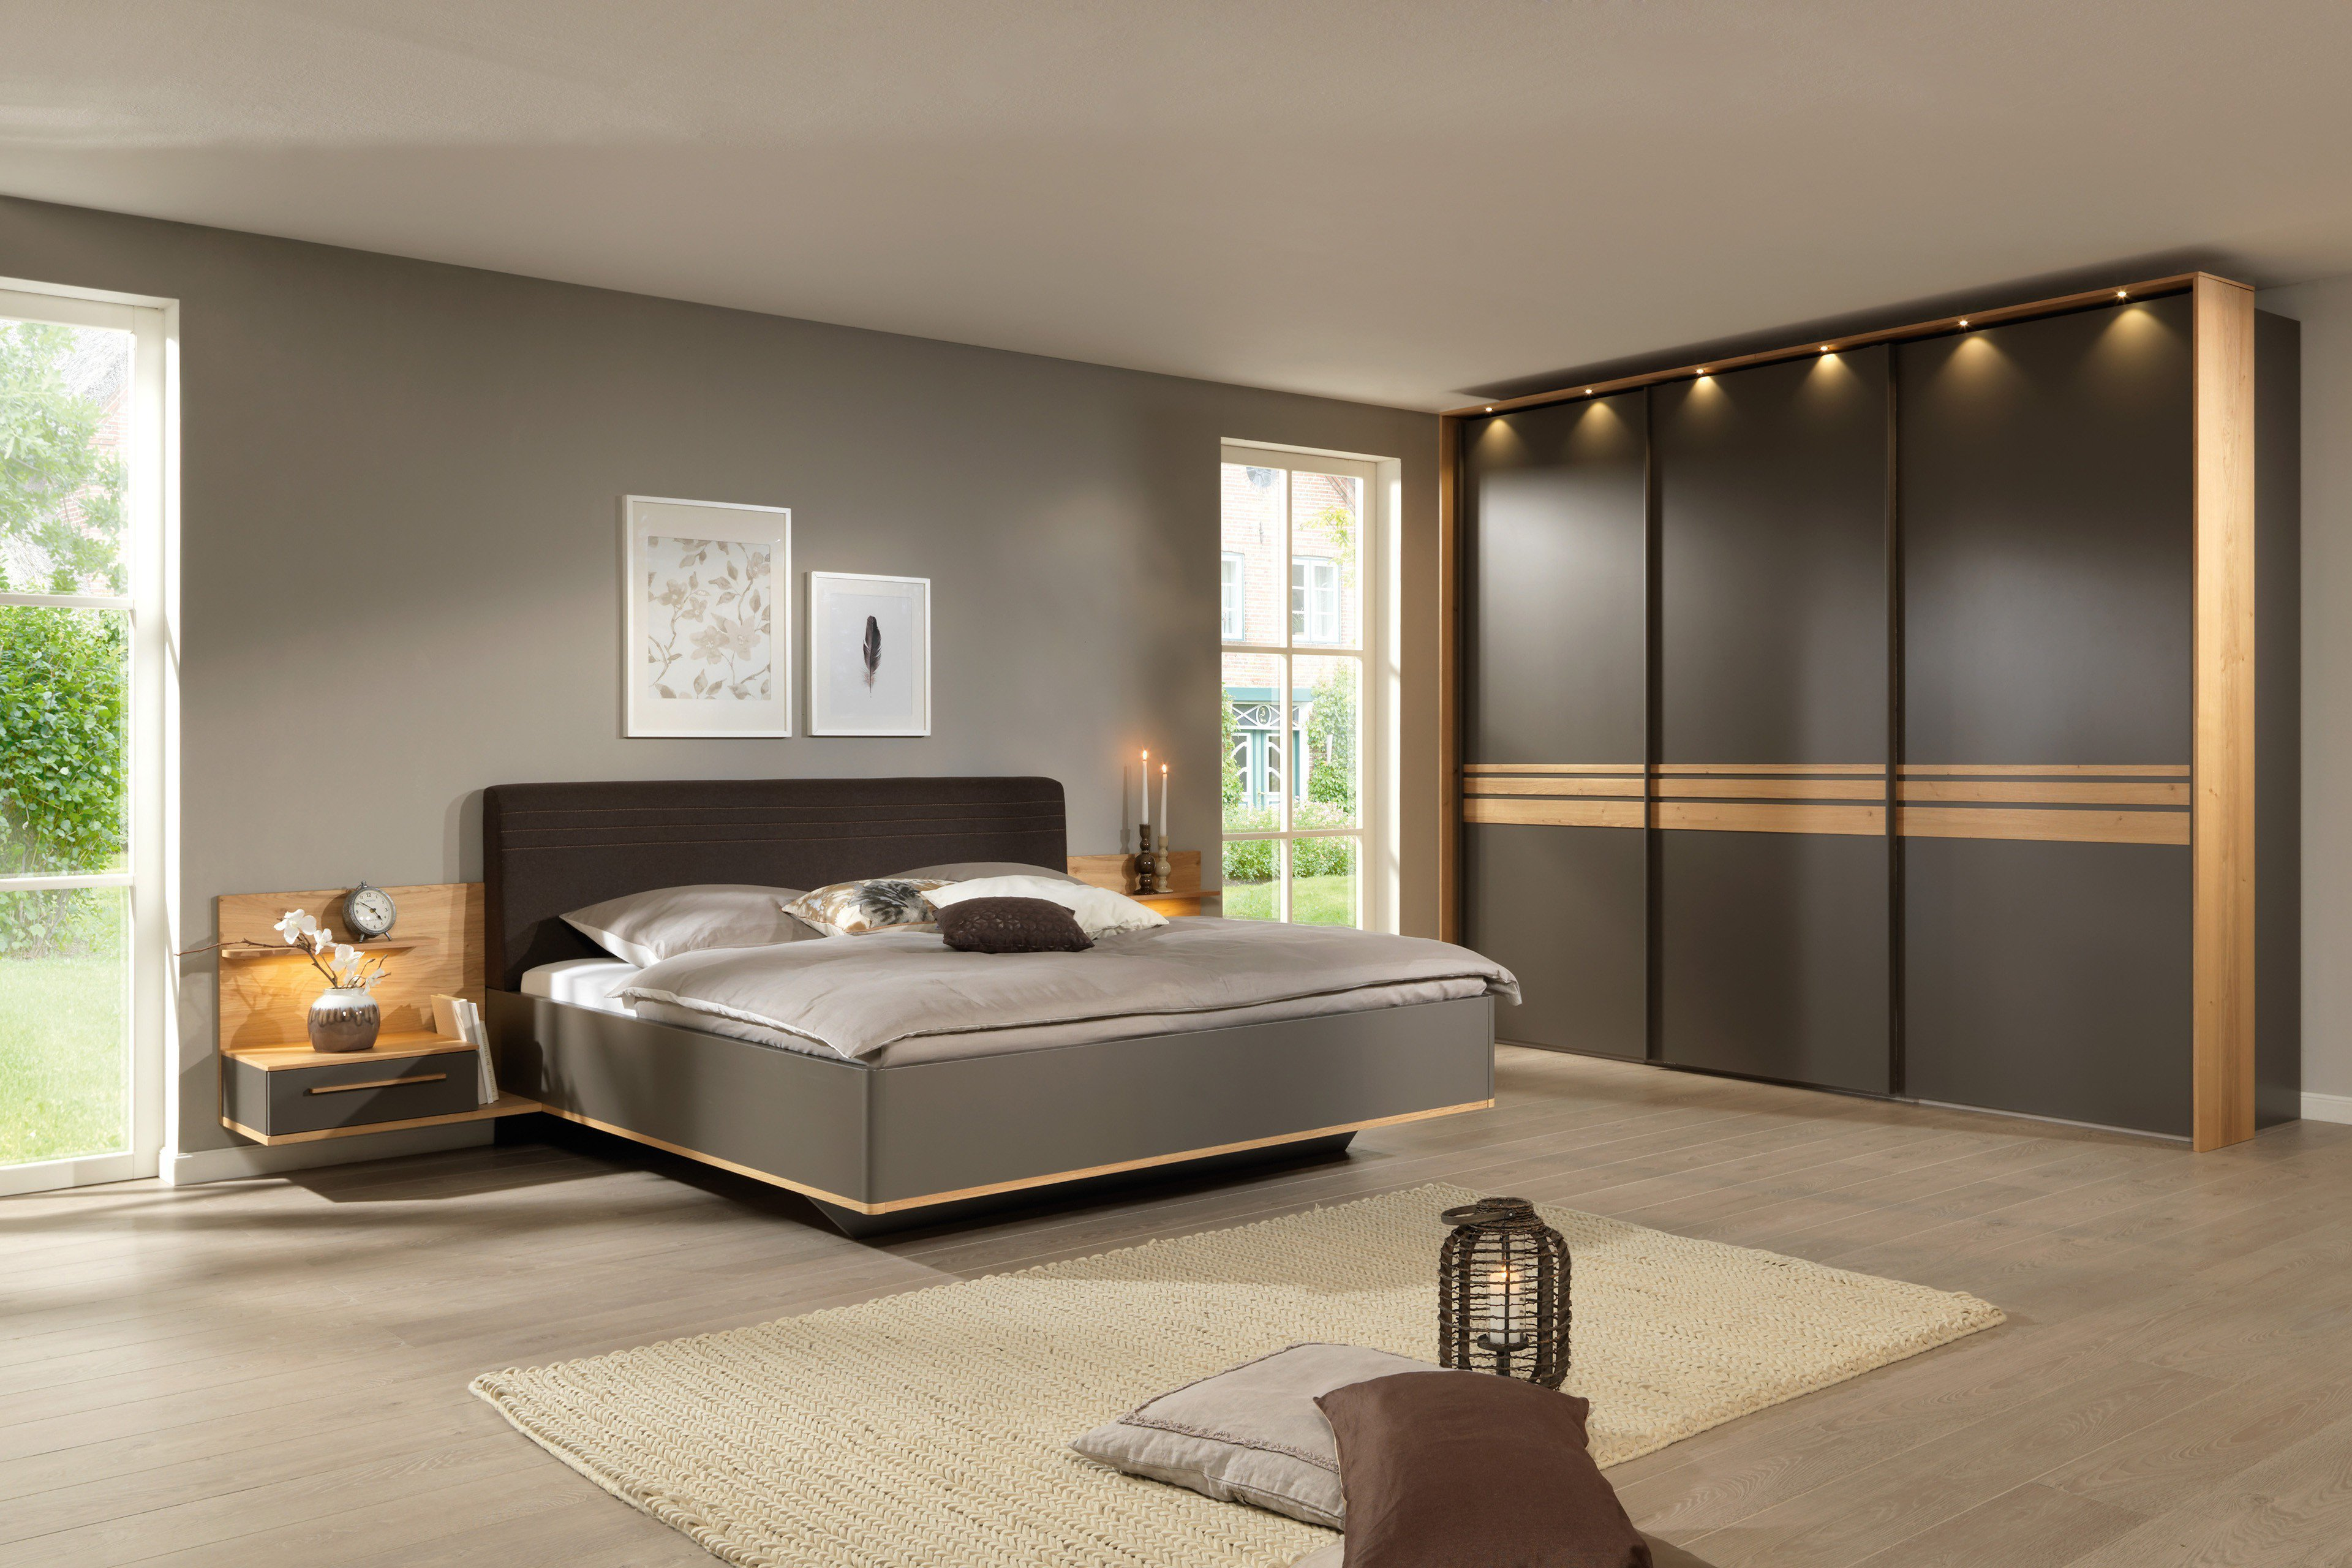 Welle Natura Schlafzimmer lava matt mit Eichenholz | Möbel Letz ...